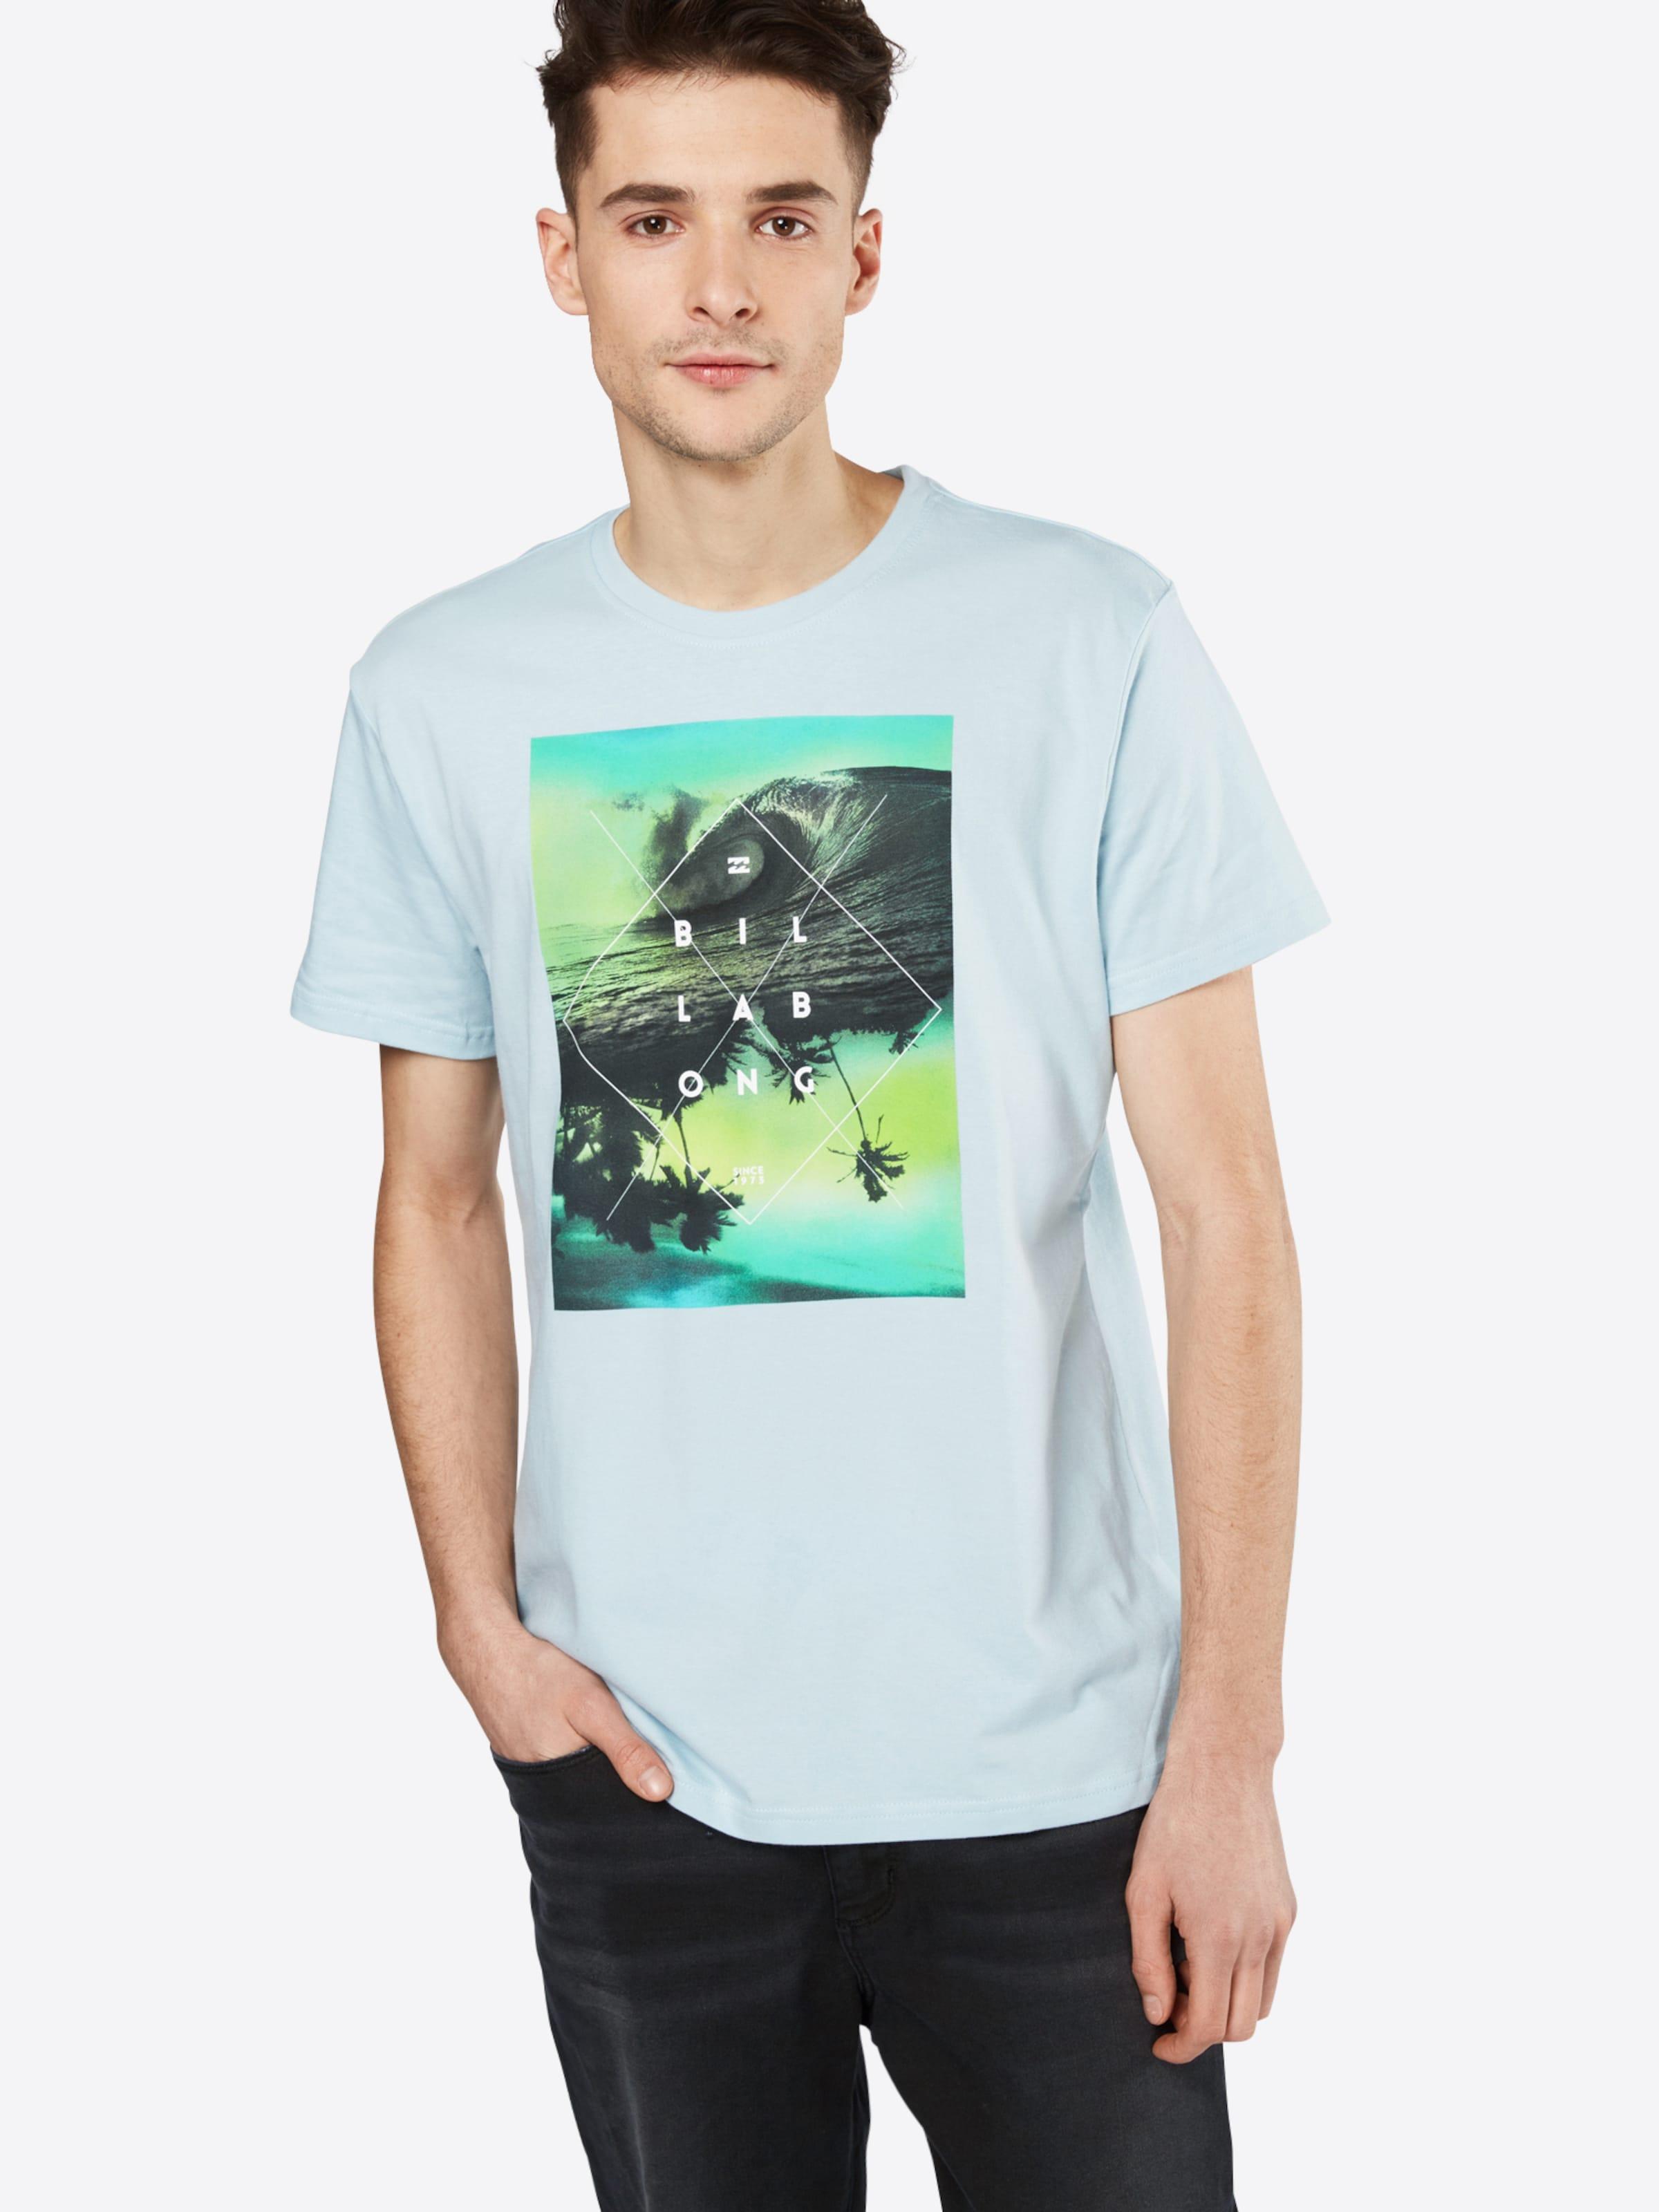 T ss' 'cross section ss' Shirt T BILLABONG section BILLABONG Shirt 'cross BILLABONG wFqOC0UAxn